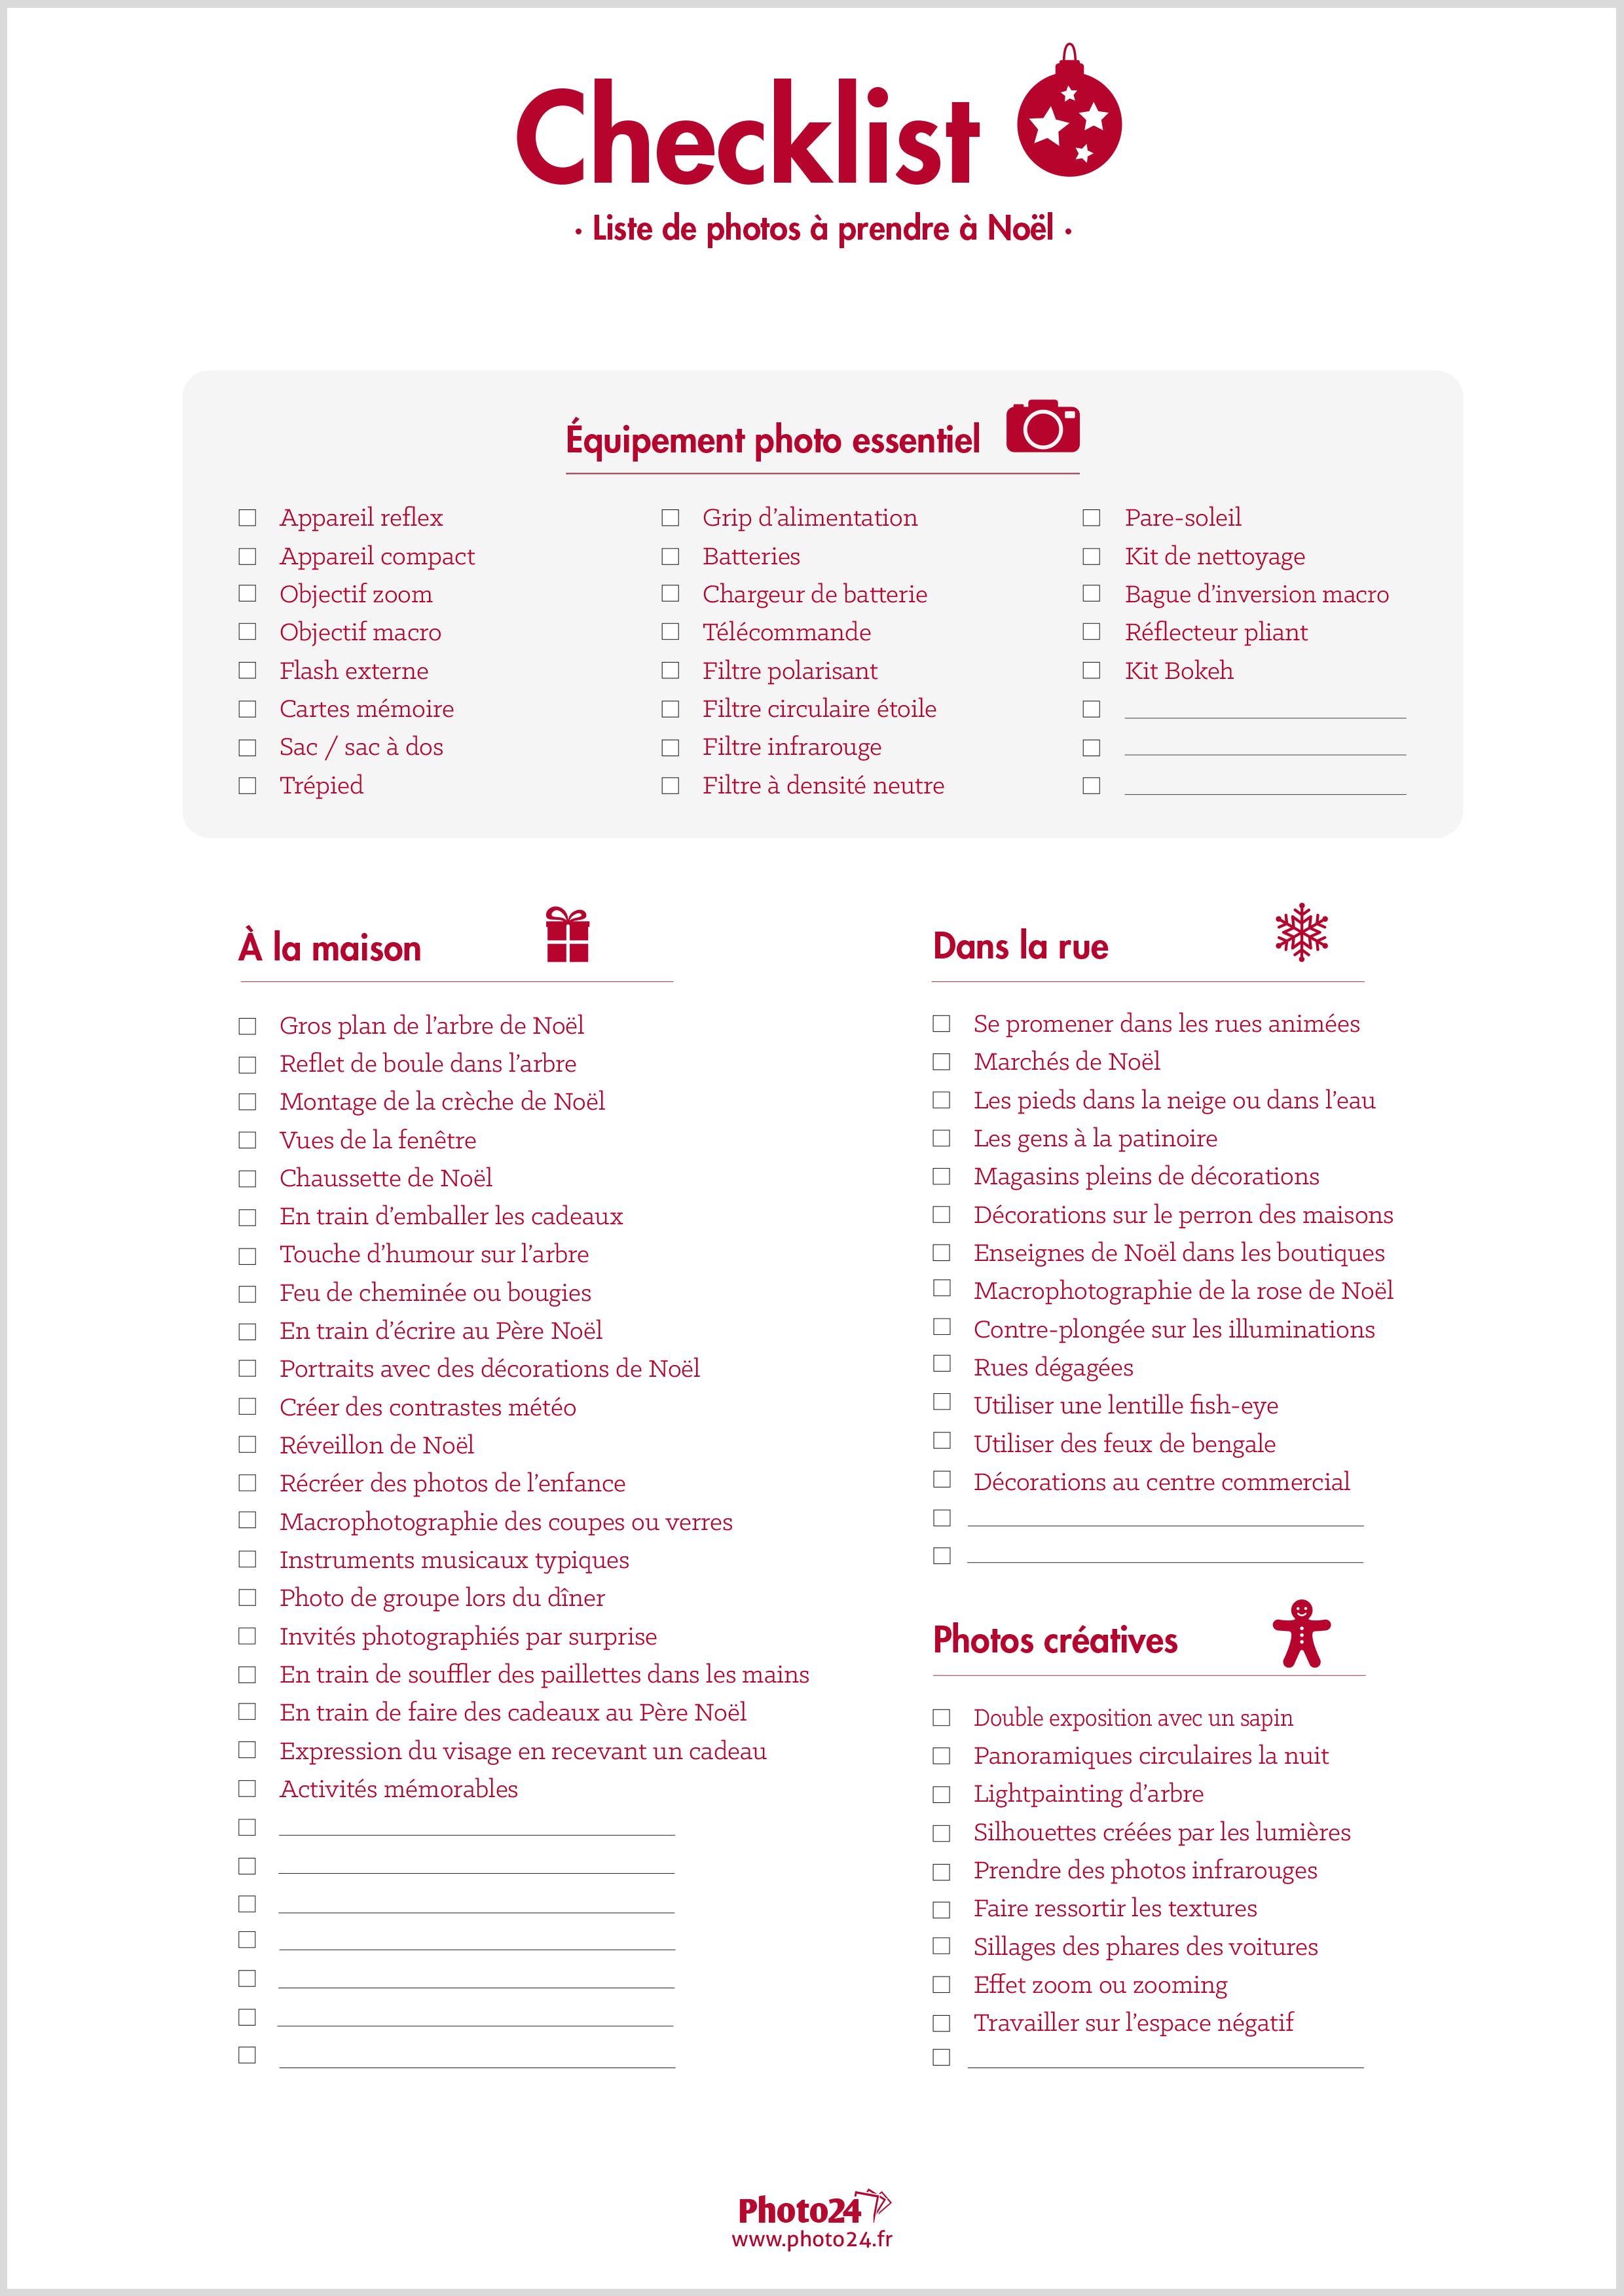 Photos à prendre à Noël : checklist à télécharger gratuitement